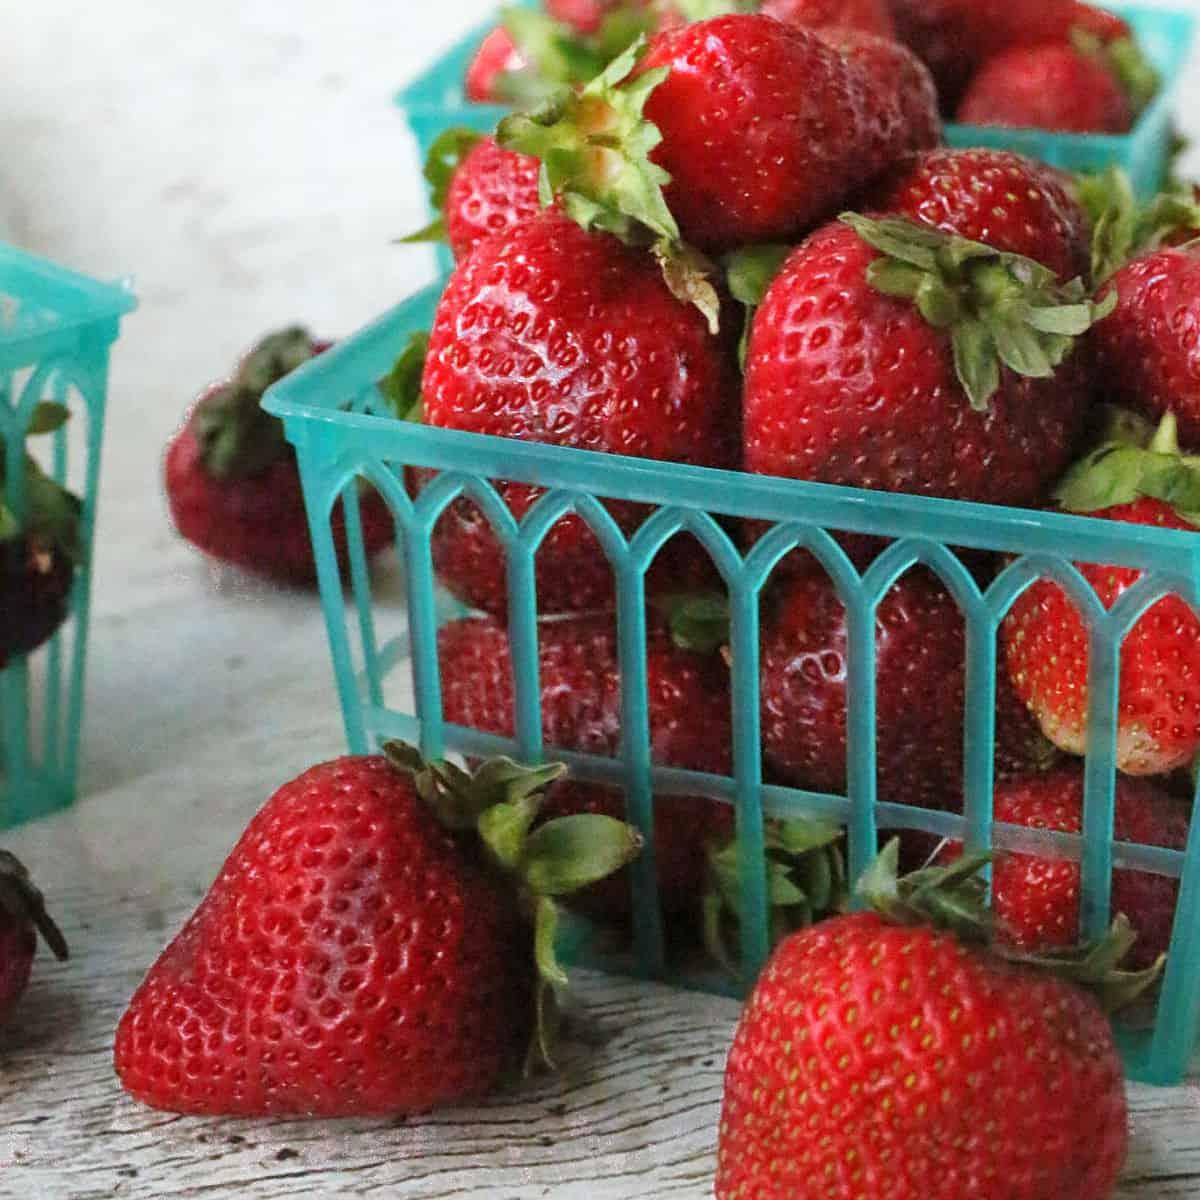 Basket of strawberries.